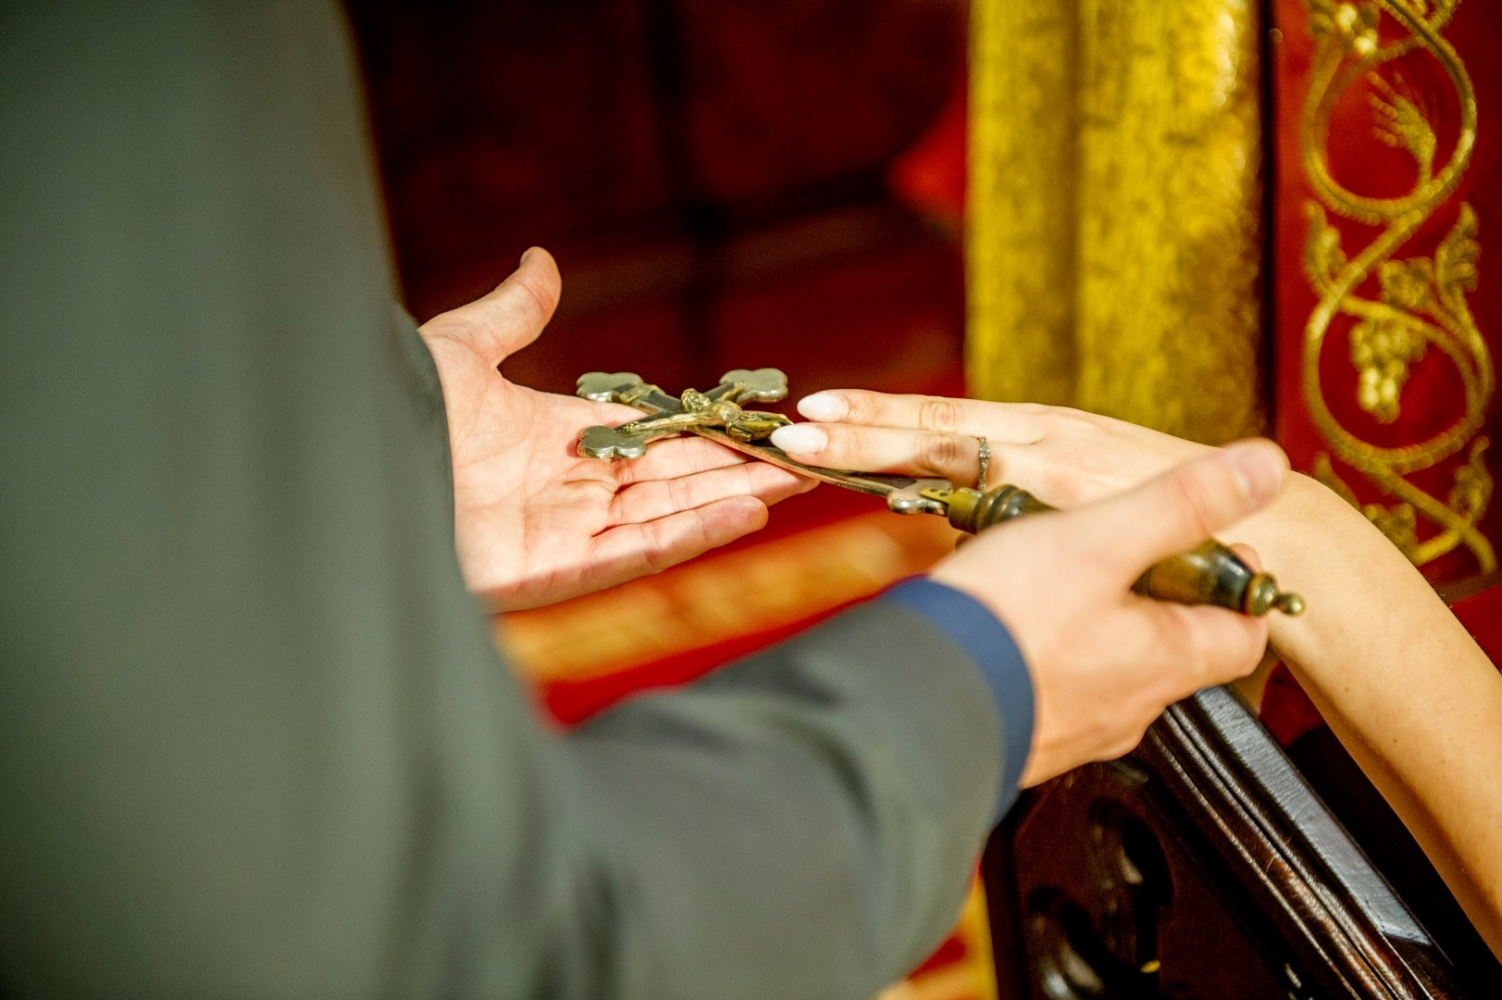 http://www.fotoz.sk/images/gallery-31/normal/eskuvo_dunaharaszti-rendezvenyhaz_268.jpg